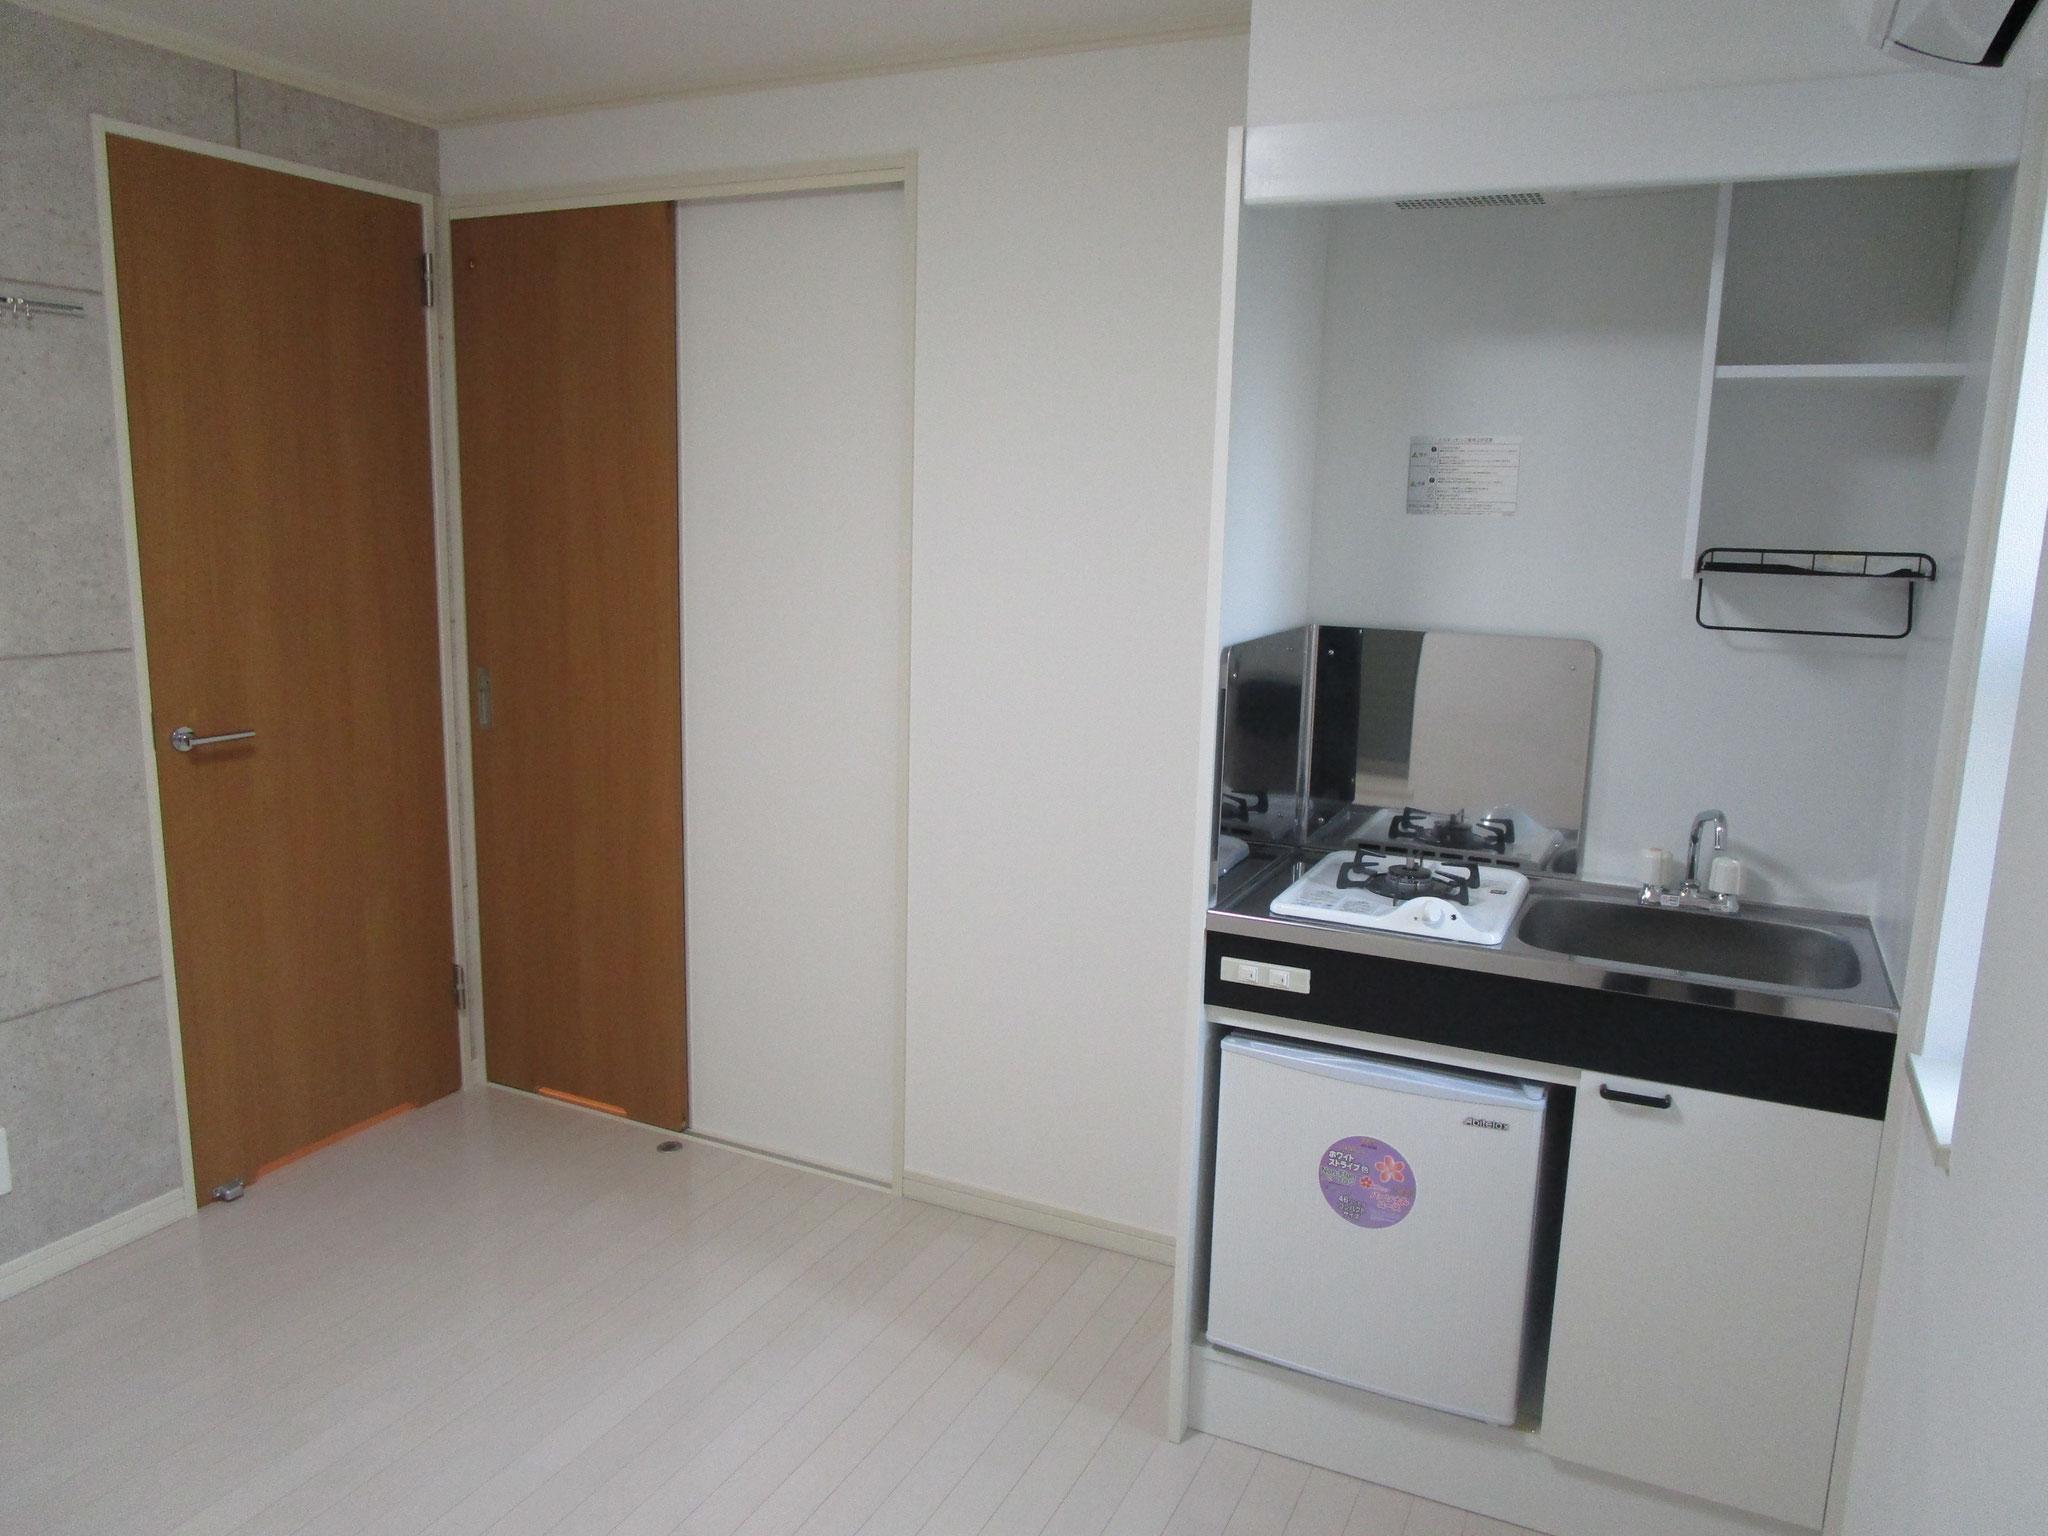 キッチン。その隣の引き戸を開けると